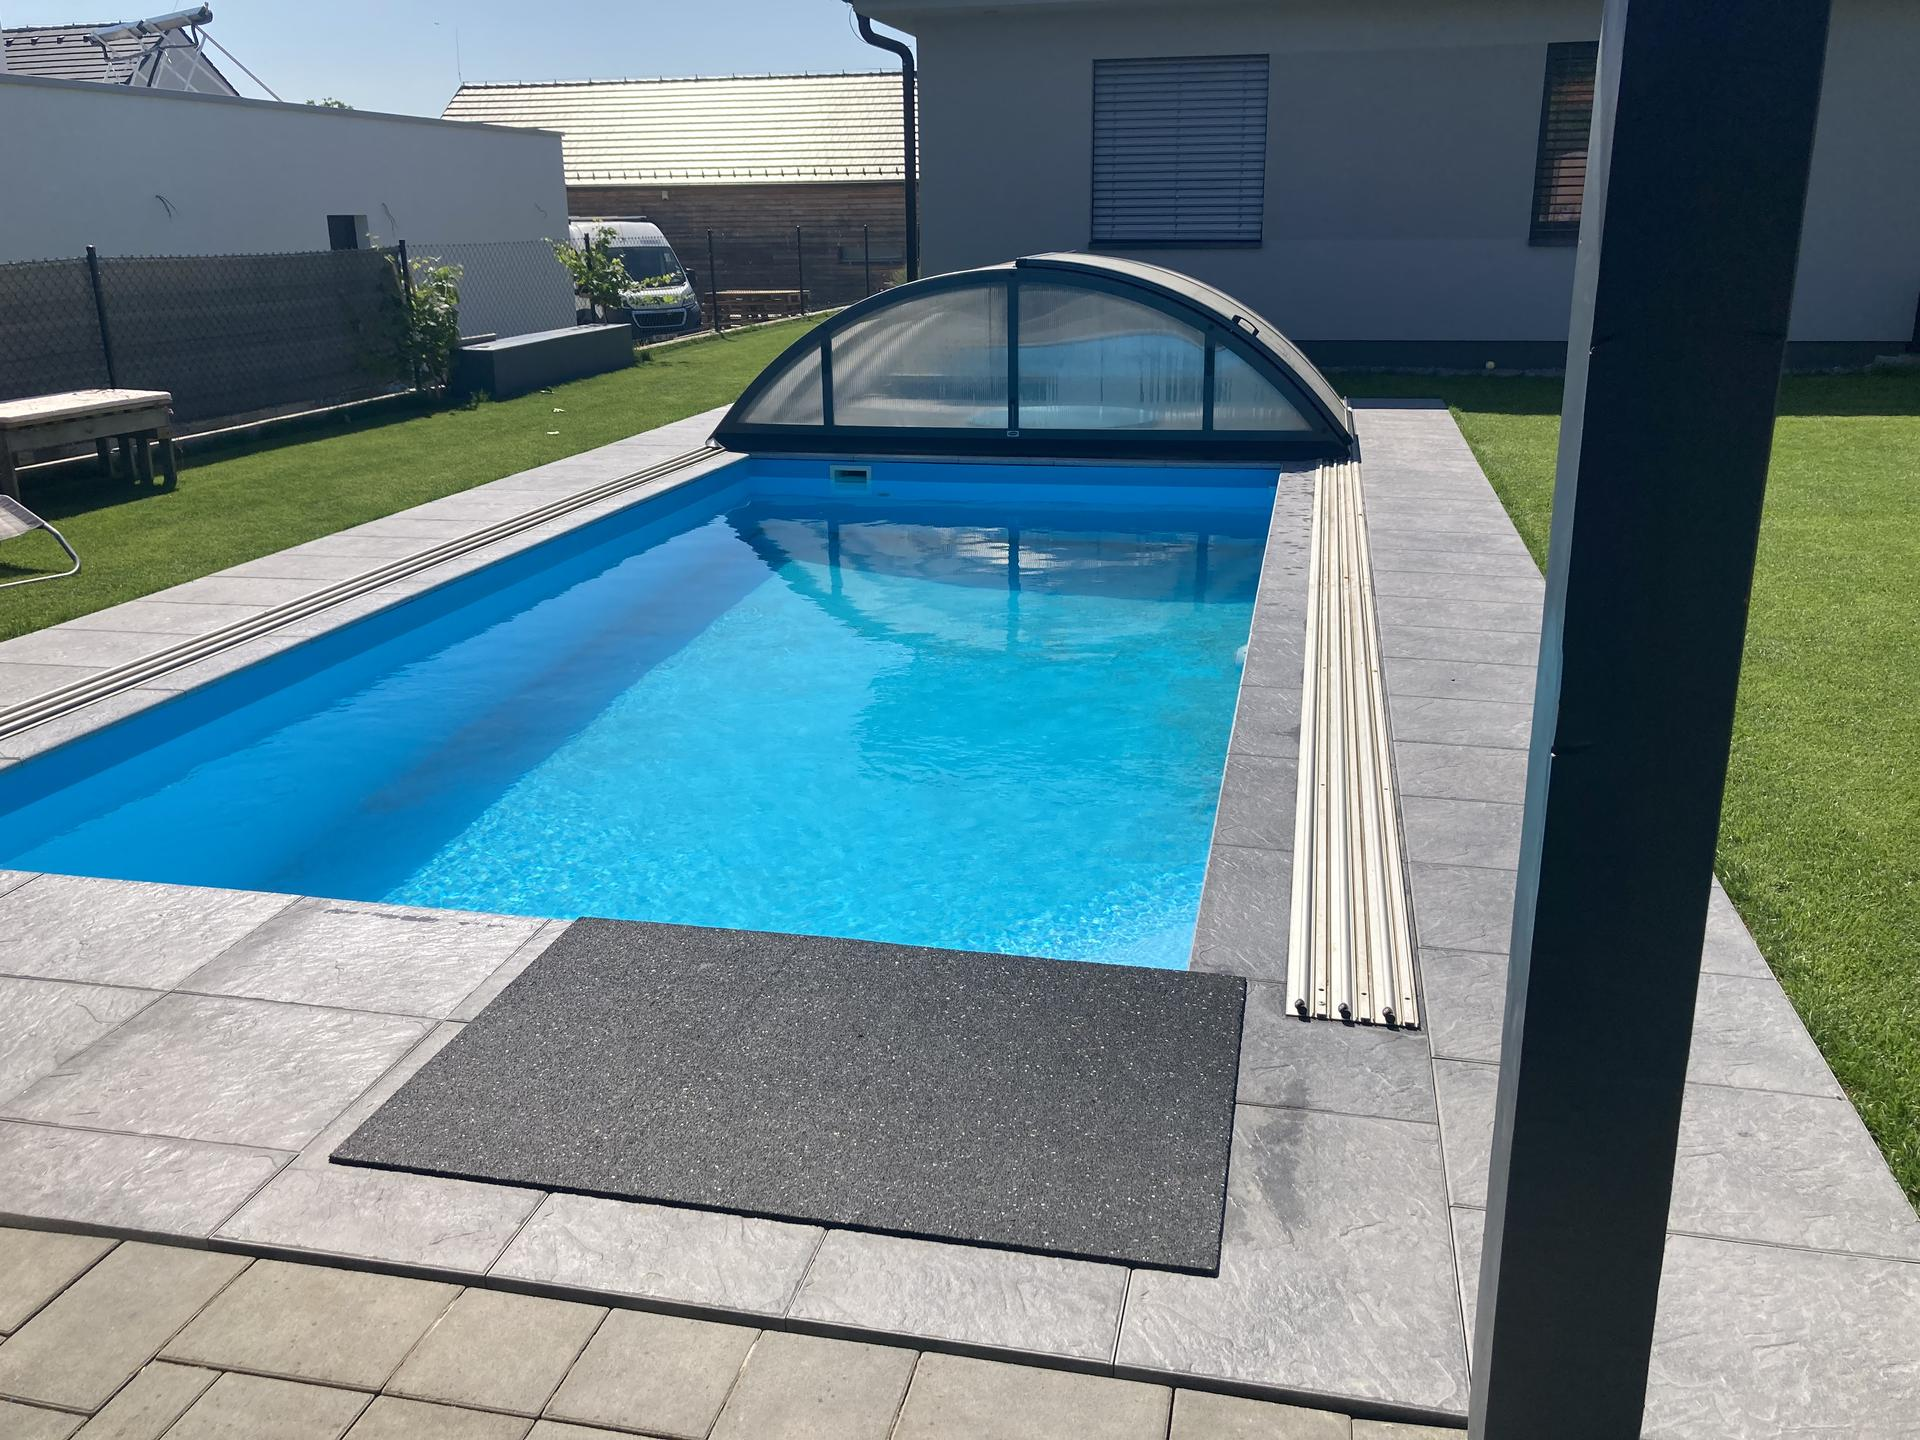 Tak nás bazen dostal novy šmrnc, konečně máme dlažbu 👏jsme moc spoko a na podzim ji protehneme až pod pergolu 😉 - Obrázek č. 1